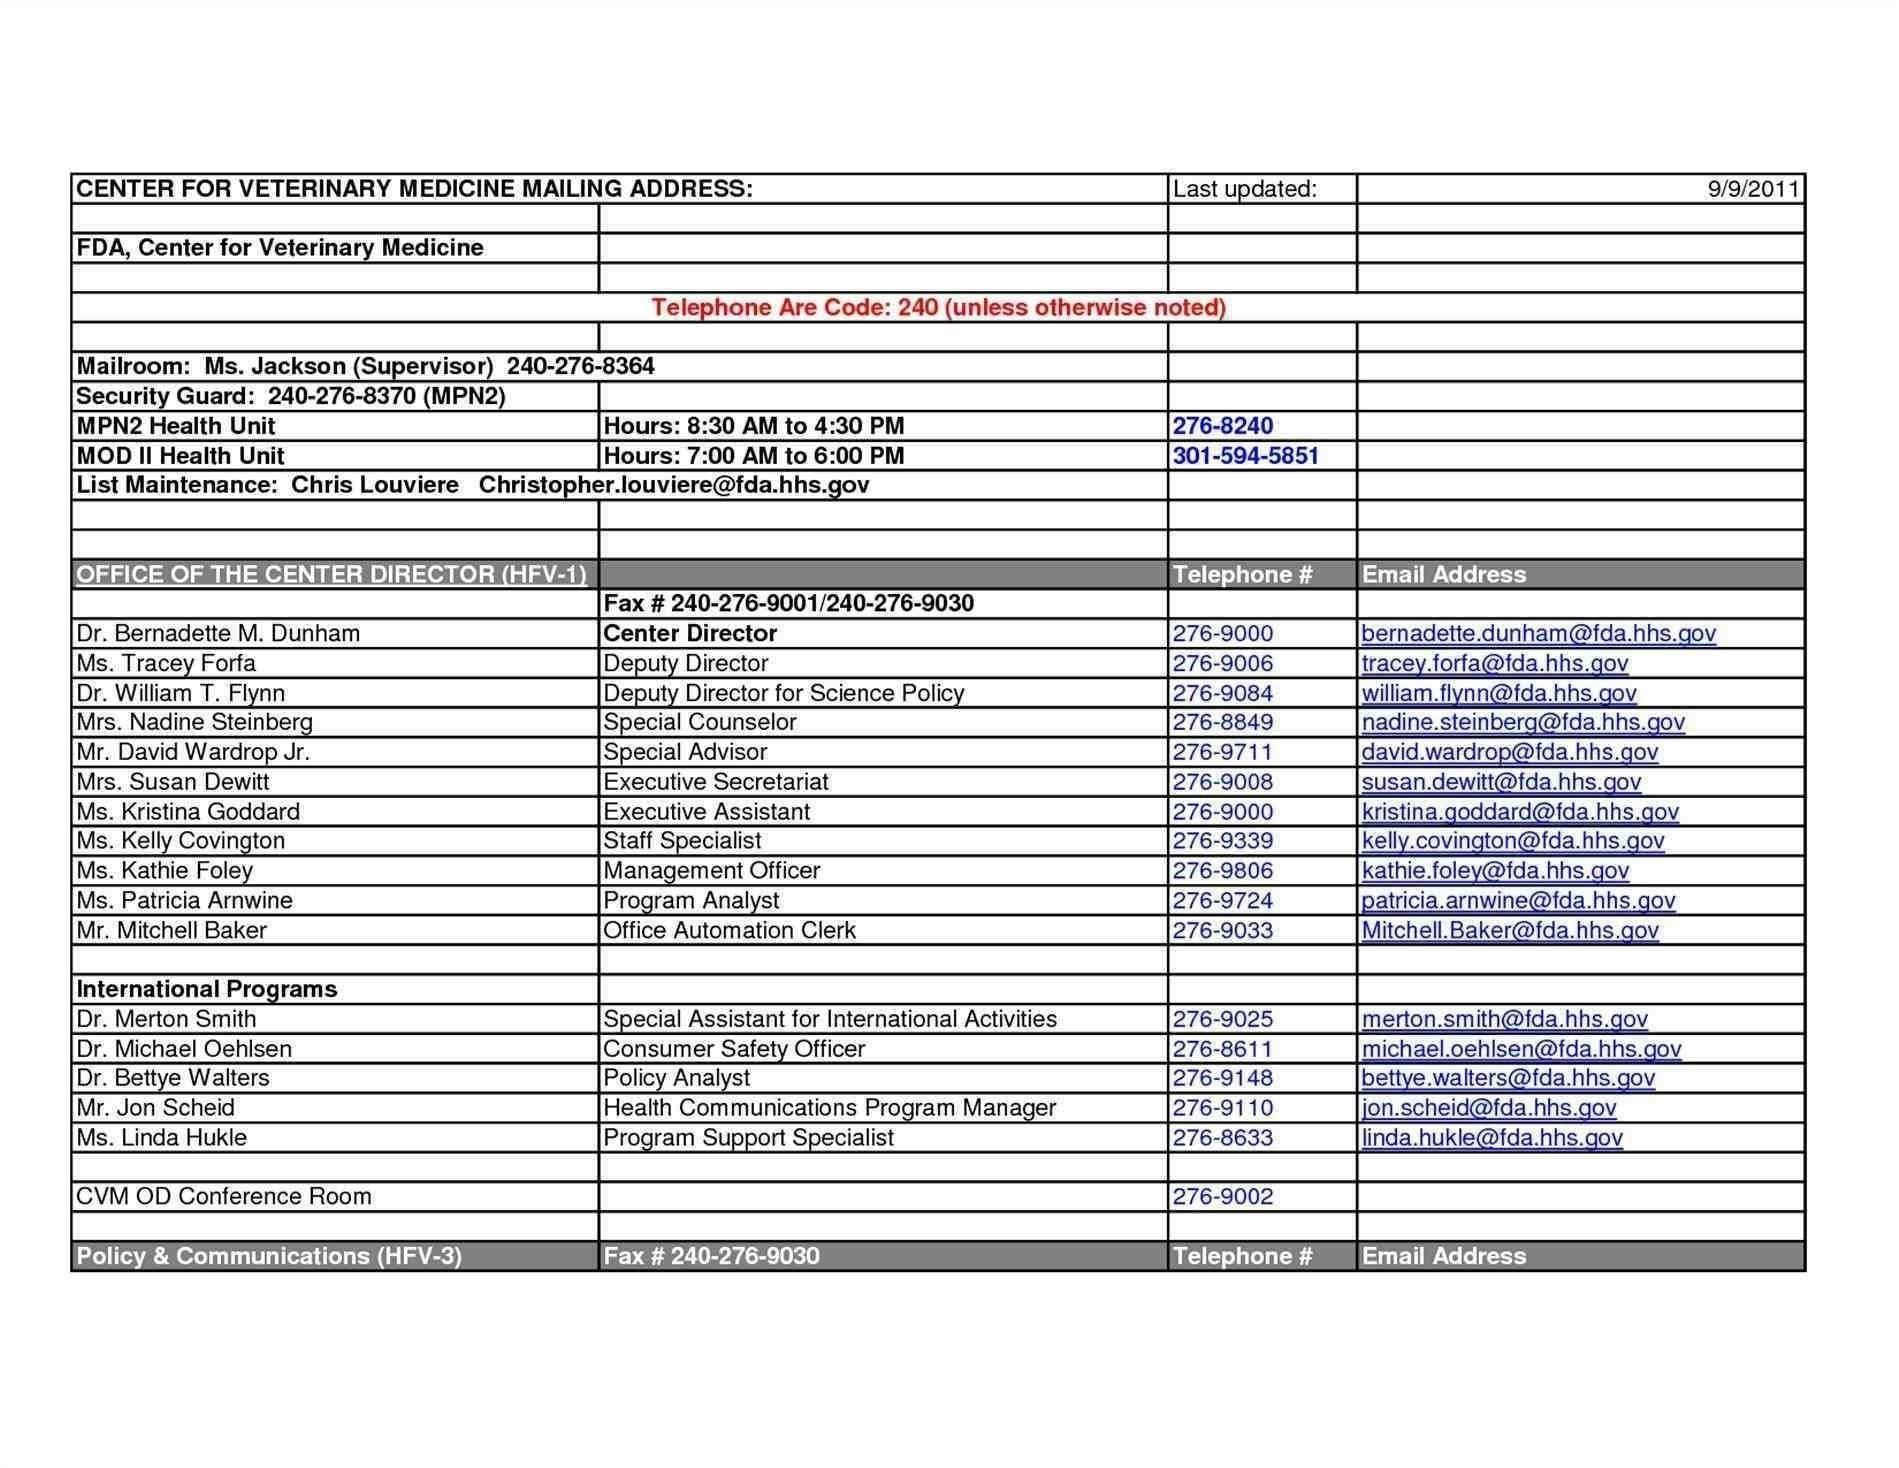 March Calendar 2019 Más Recientes Free Printable Yearly Calendar 2018 Free Printable Year Calendar Of March Calendar 2019 Actual Gujarati Calendar 2019 Printable Printed for No Cost – Calendaro